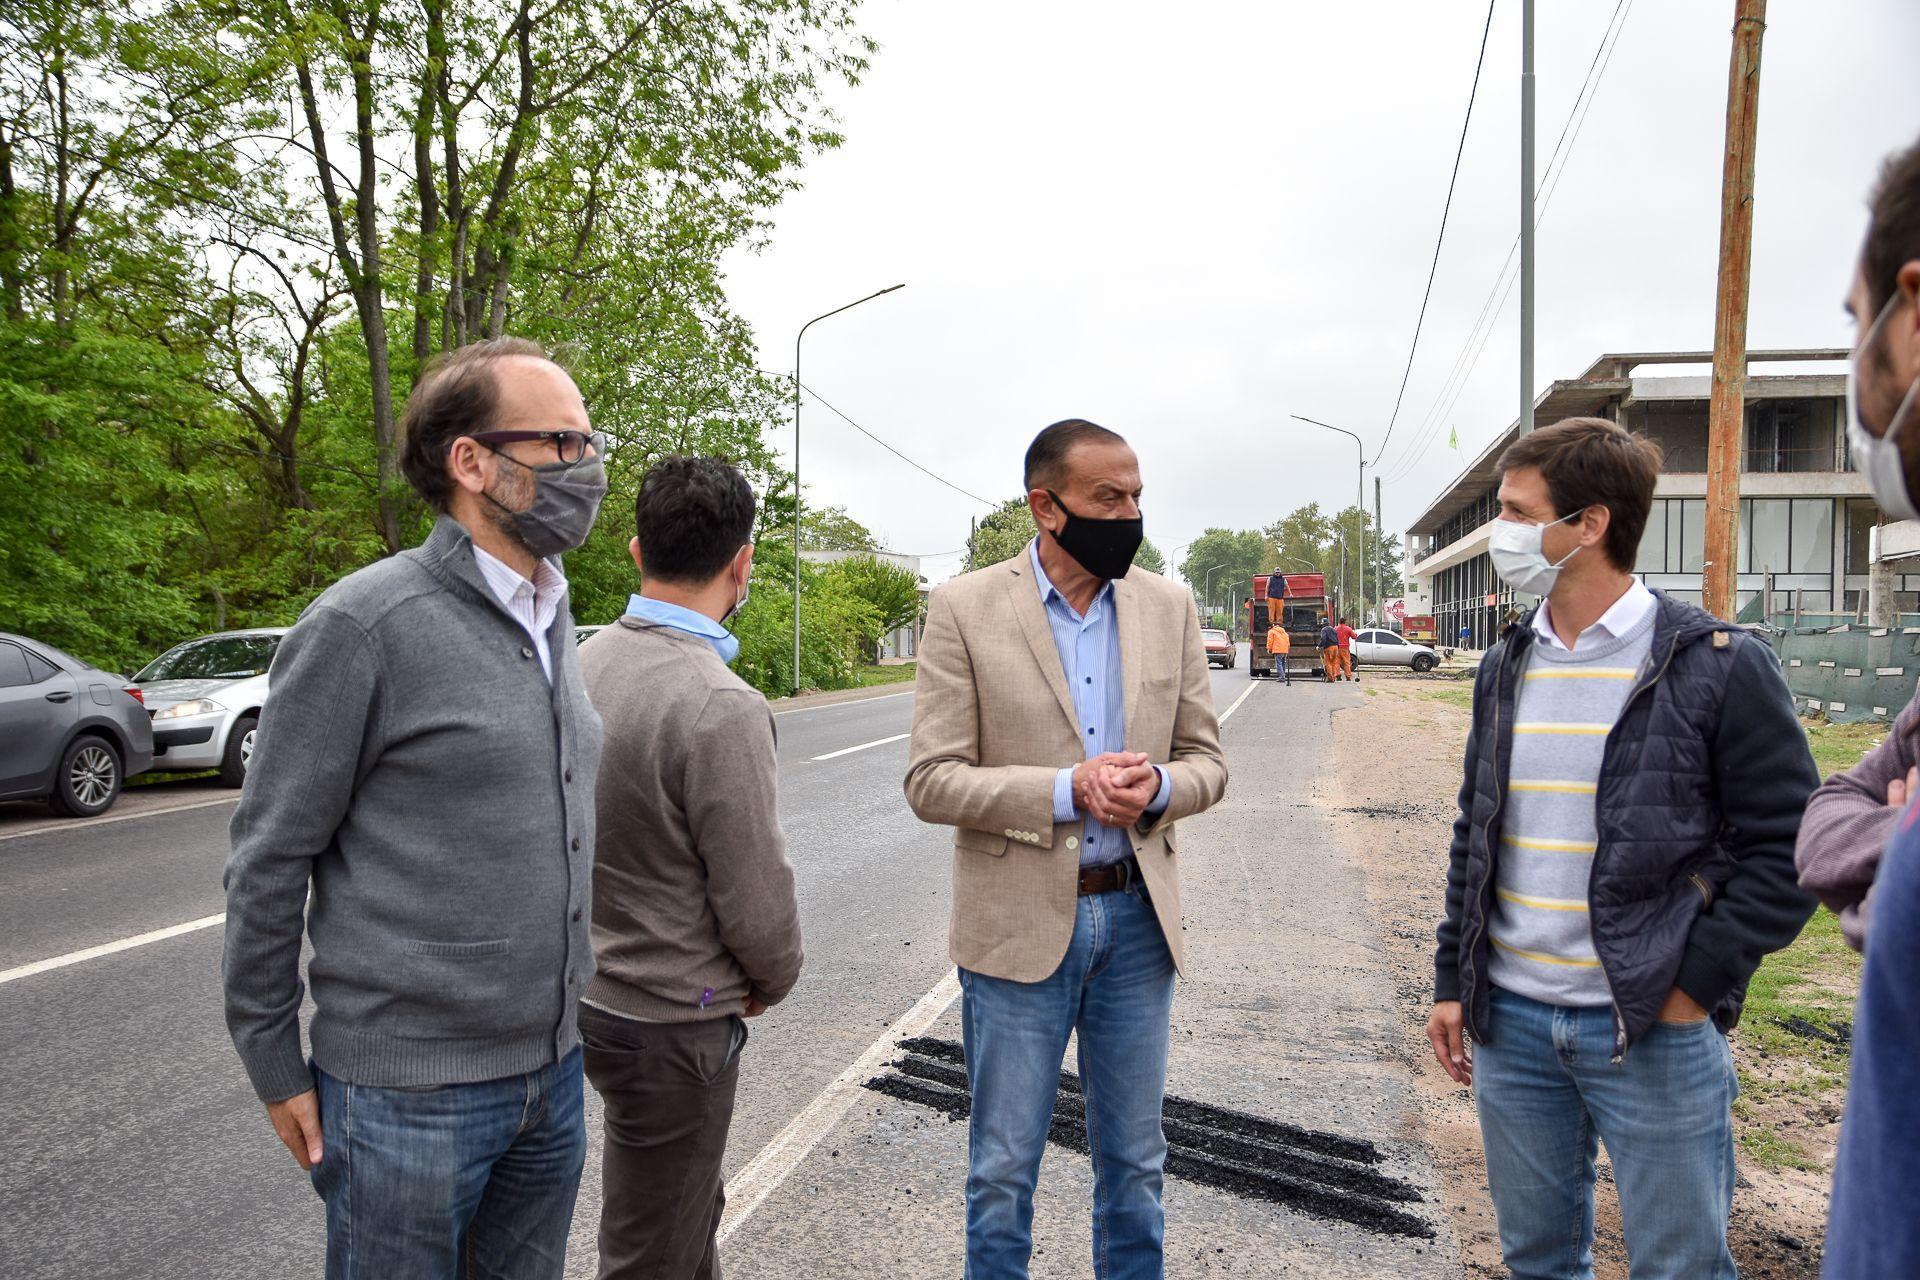 anunciaron 45 cuadras de pavimento en alejandro korn y domselaar: donde seran las obras